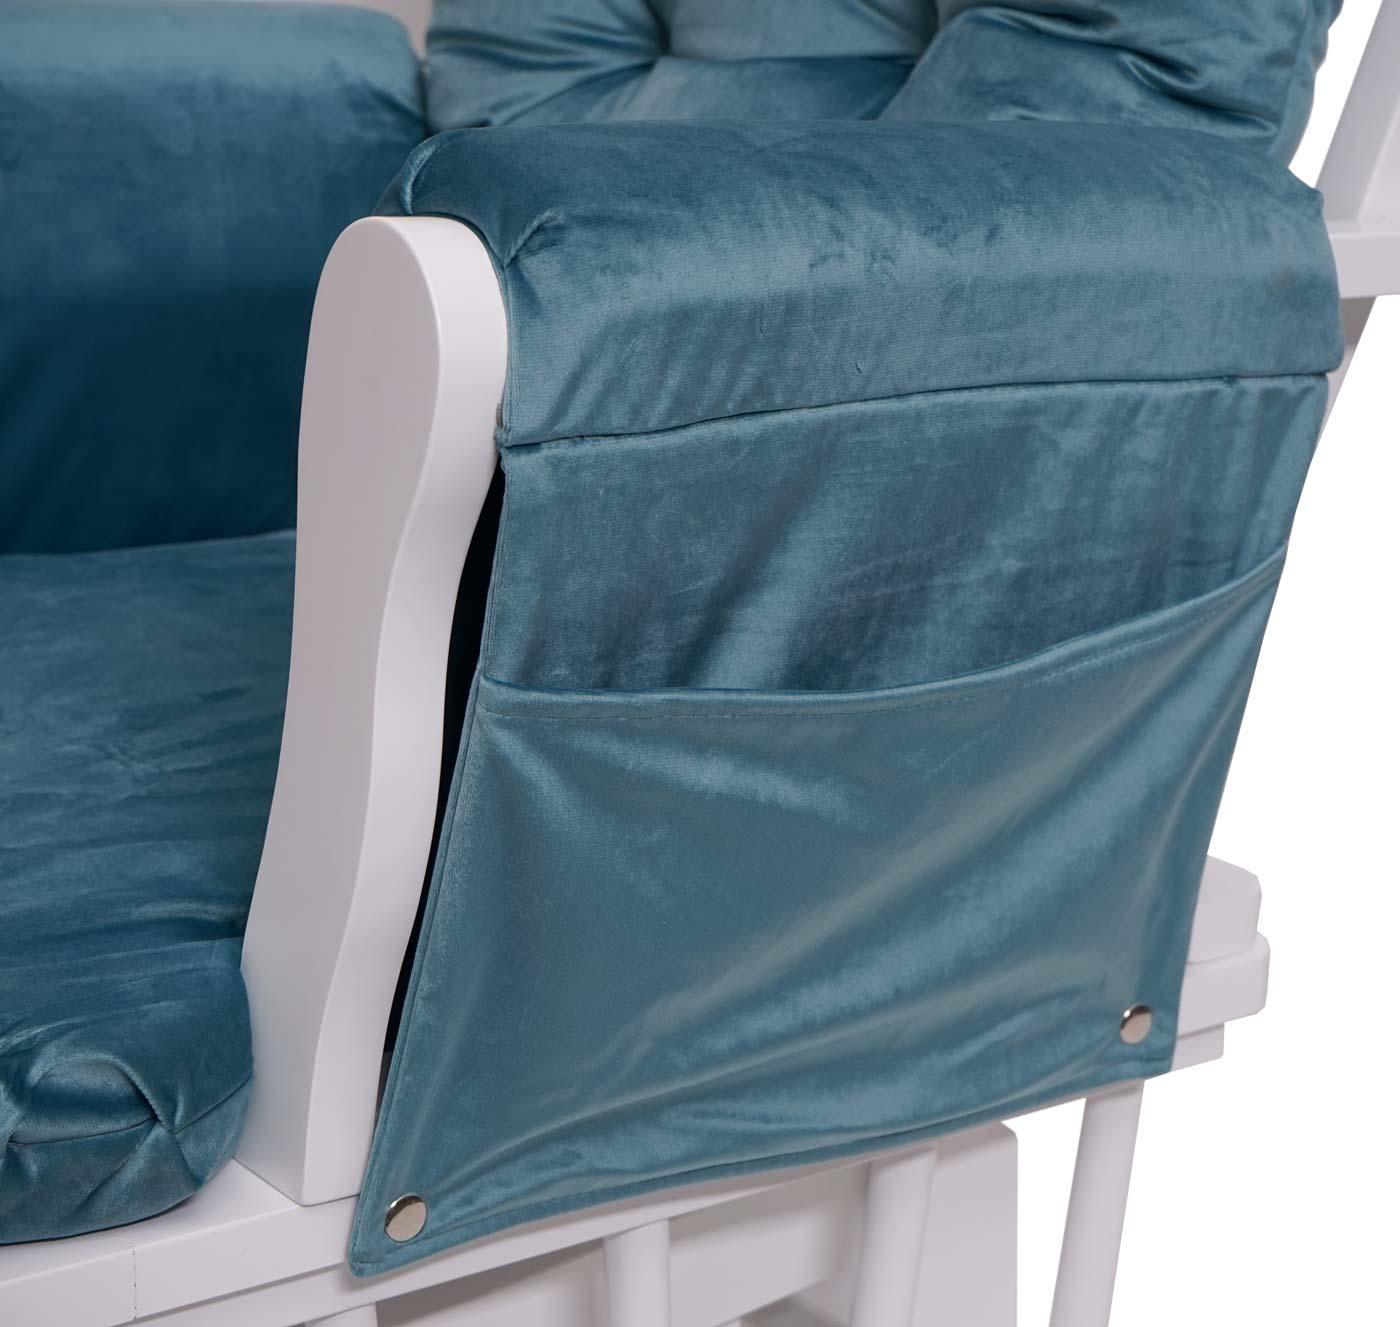 Relaxsessel HWC-C76 Detailansicht Taschen